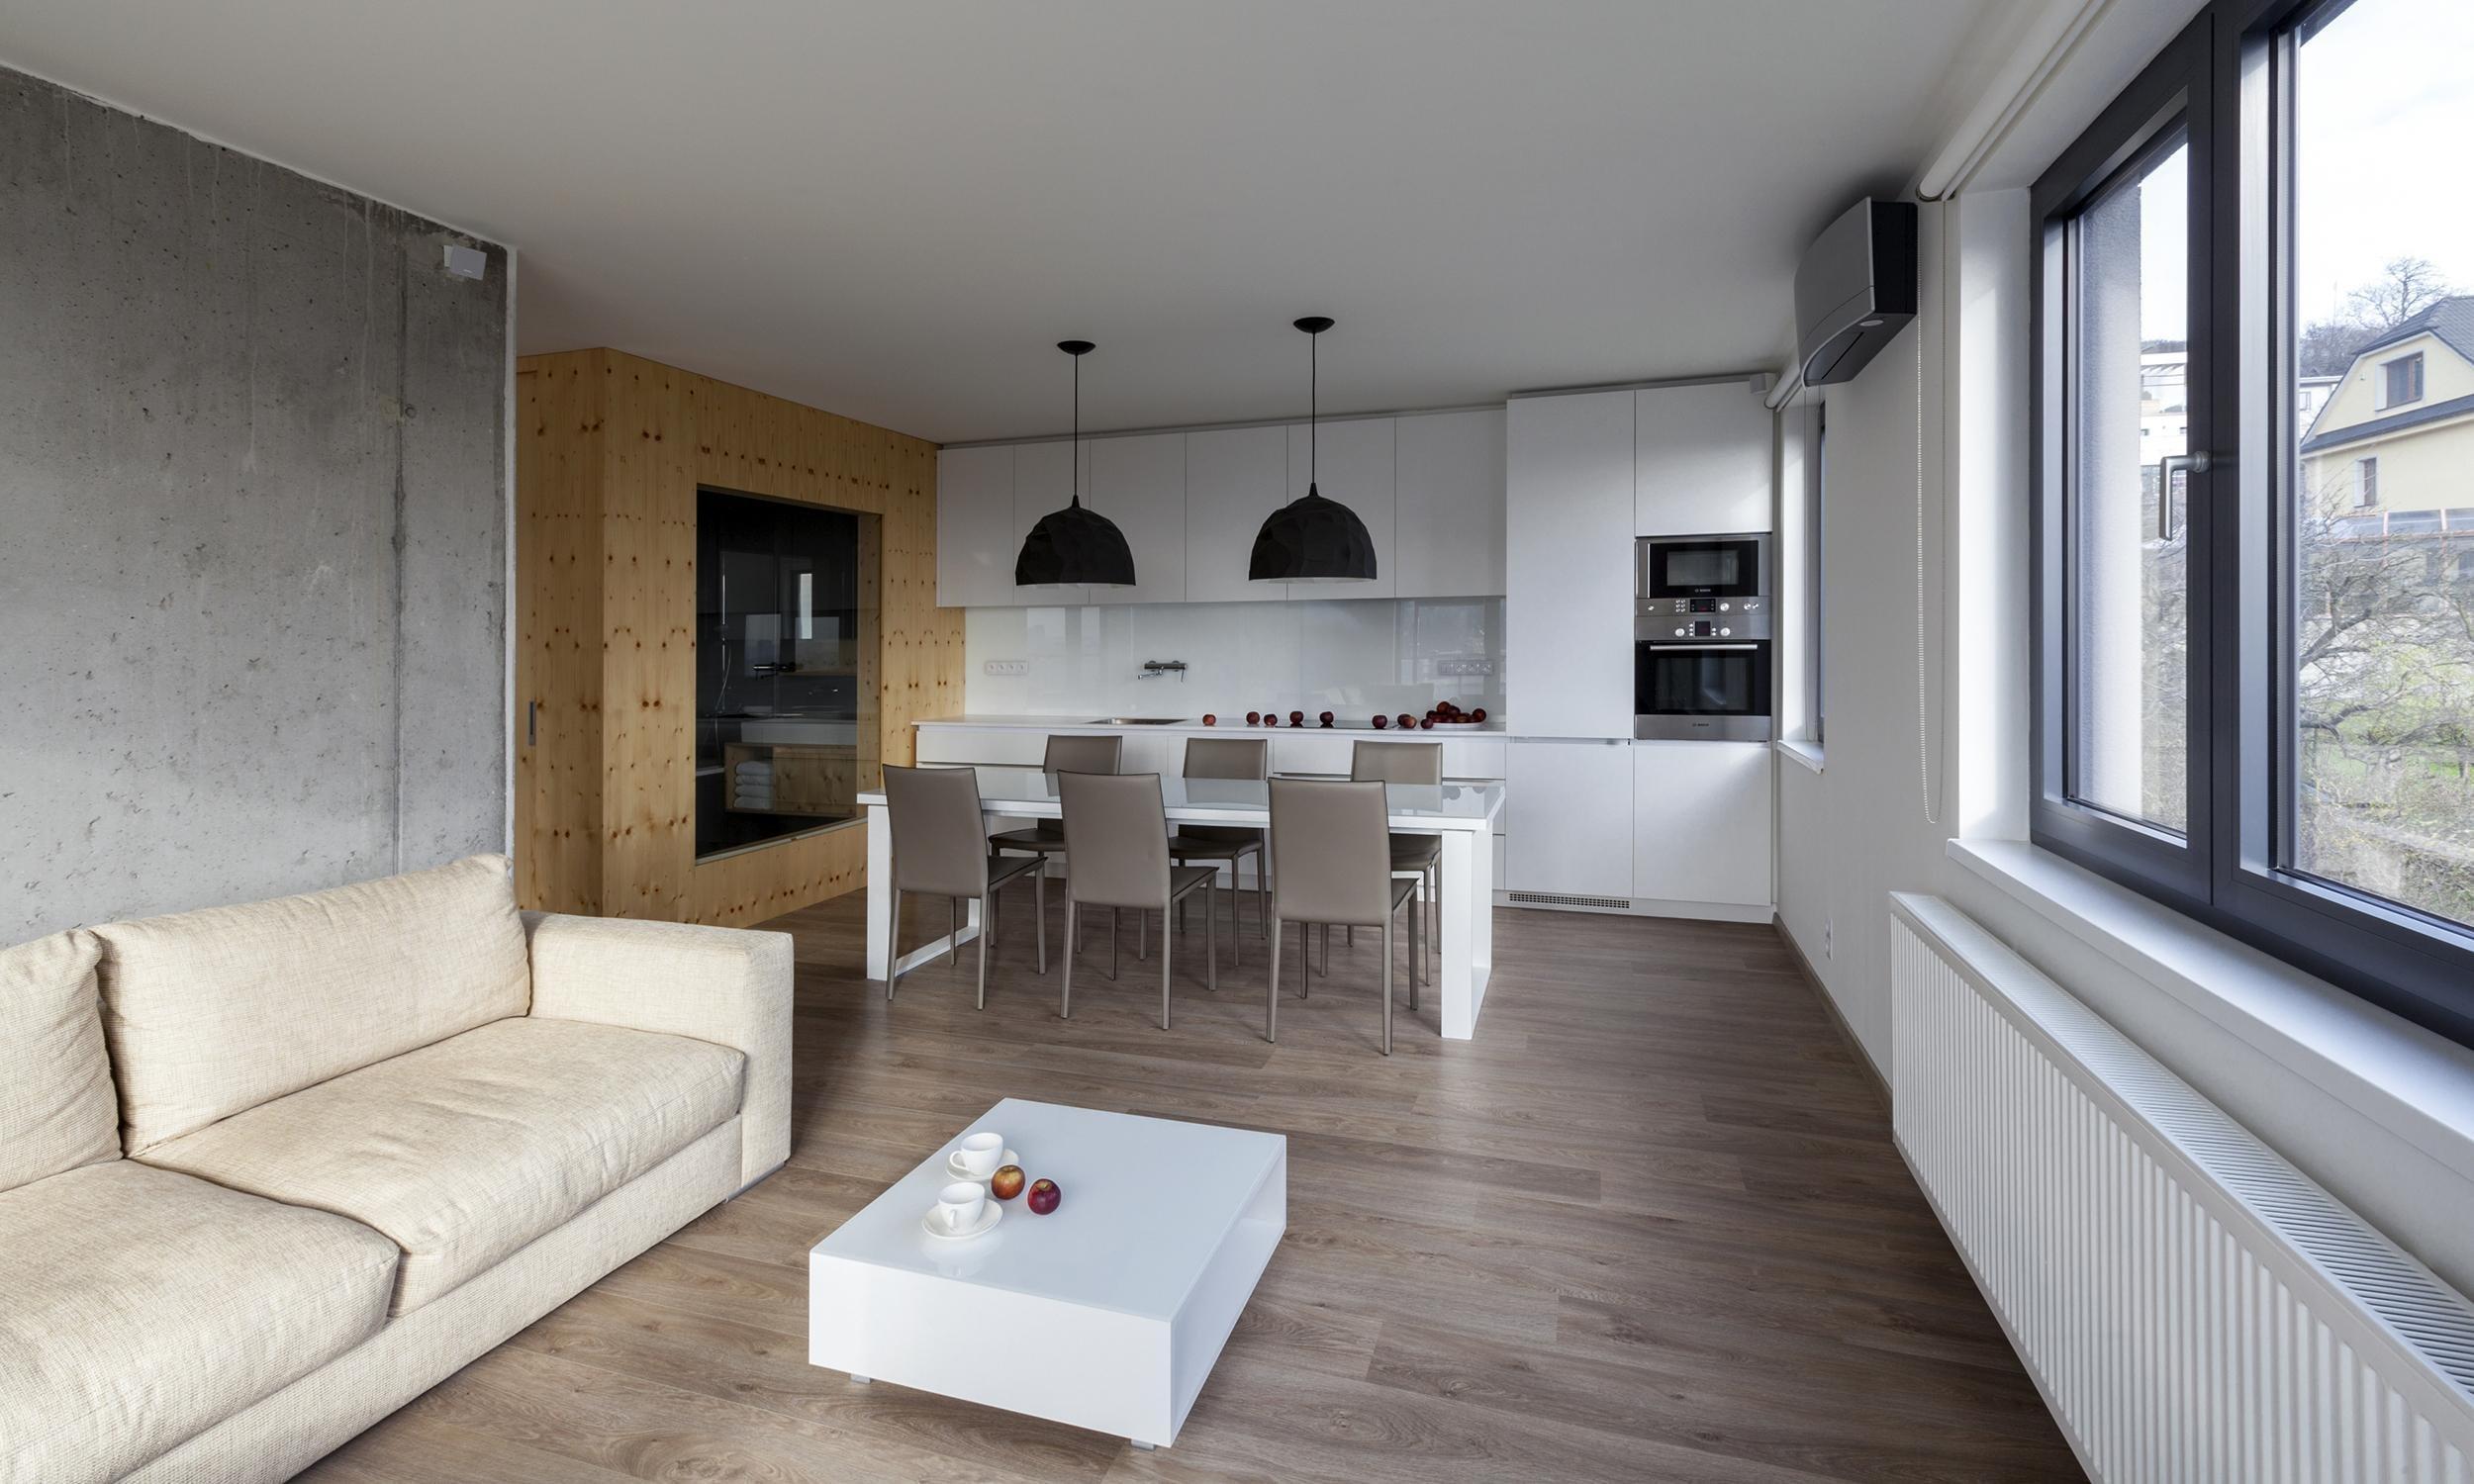 Interiér třípokojového bytu jsme postavili na kontrastu betonu a dřeva. Drsnou přirozenost betonové zdi zjemňuje borovicový kubus s hygienickými prostory. V…